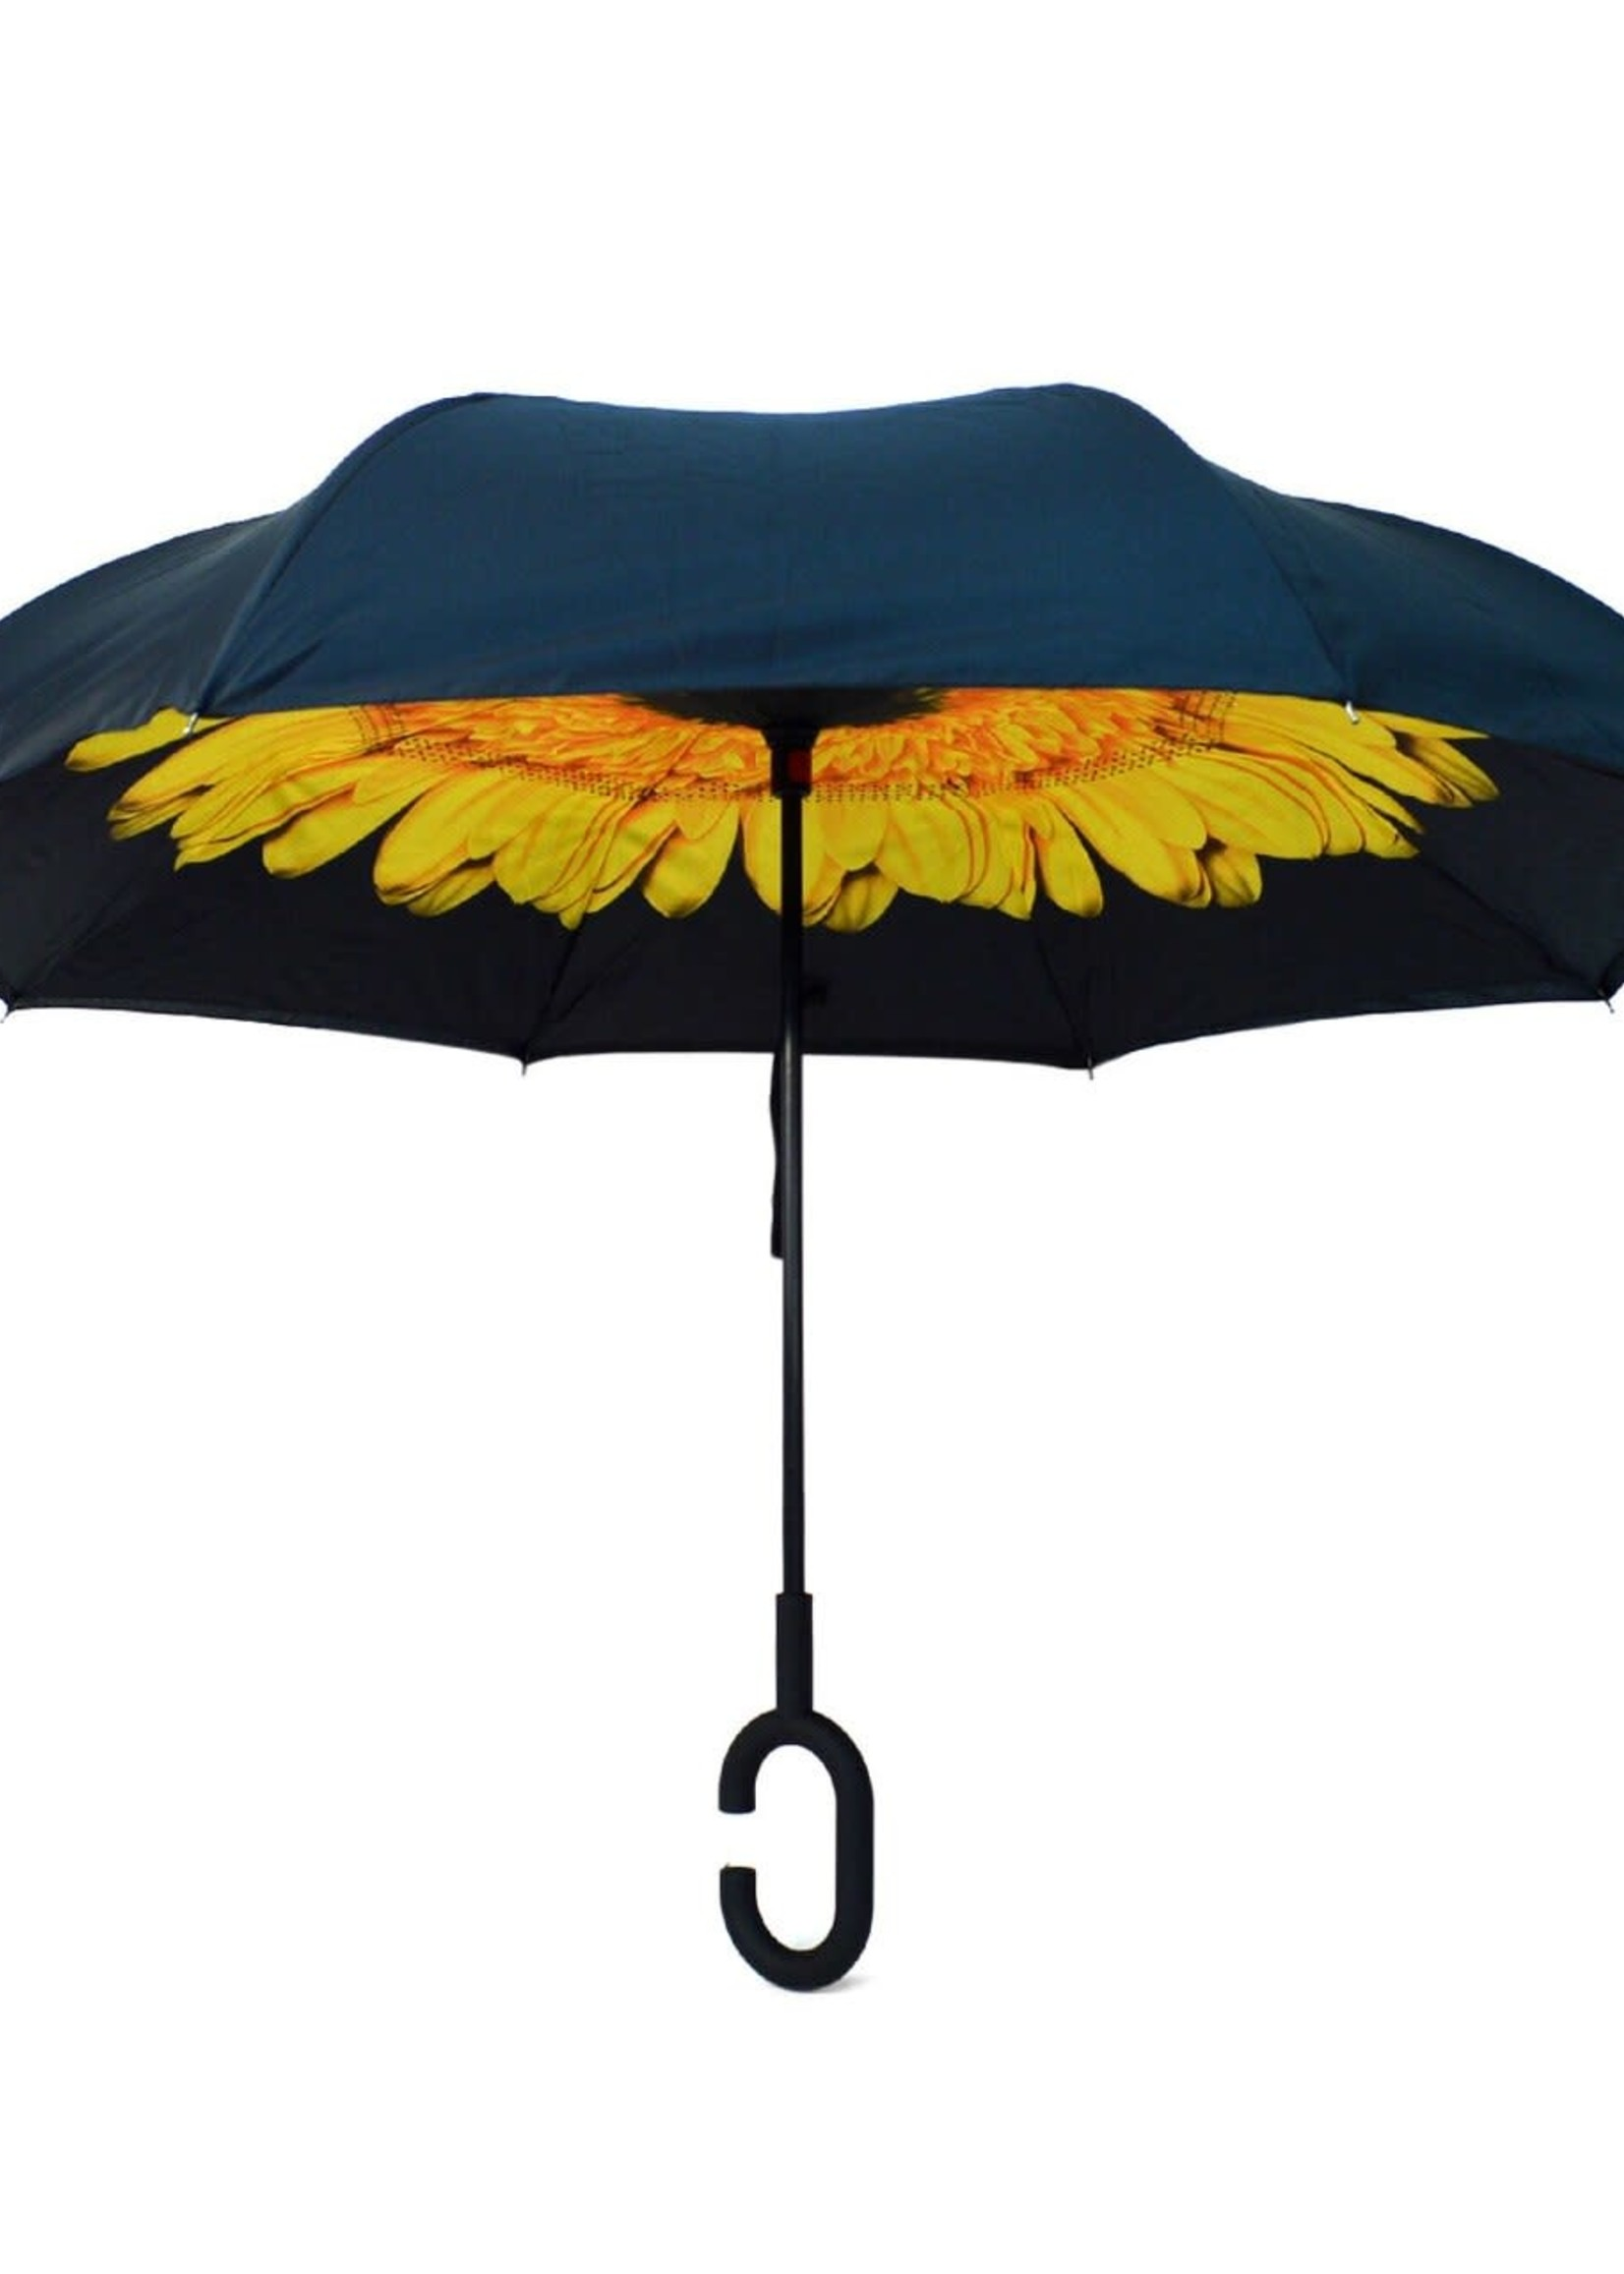 Yellow FlowerDouble Layer Inverted Umbrella